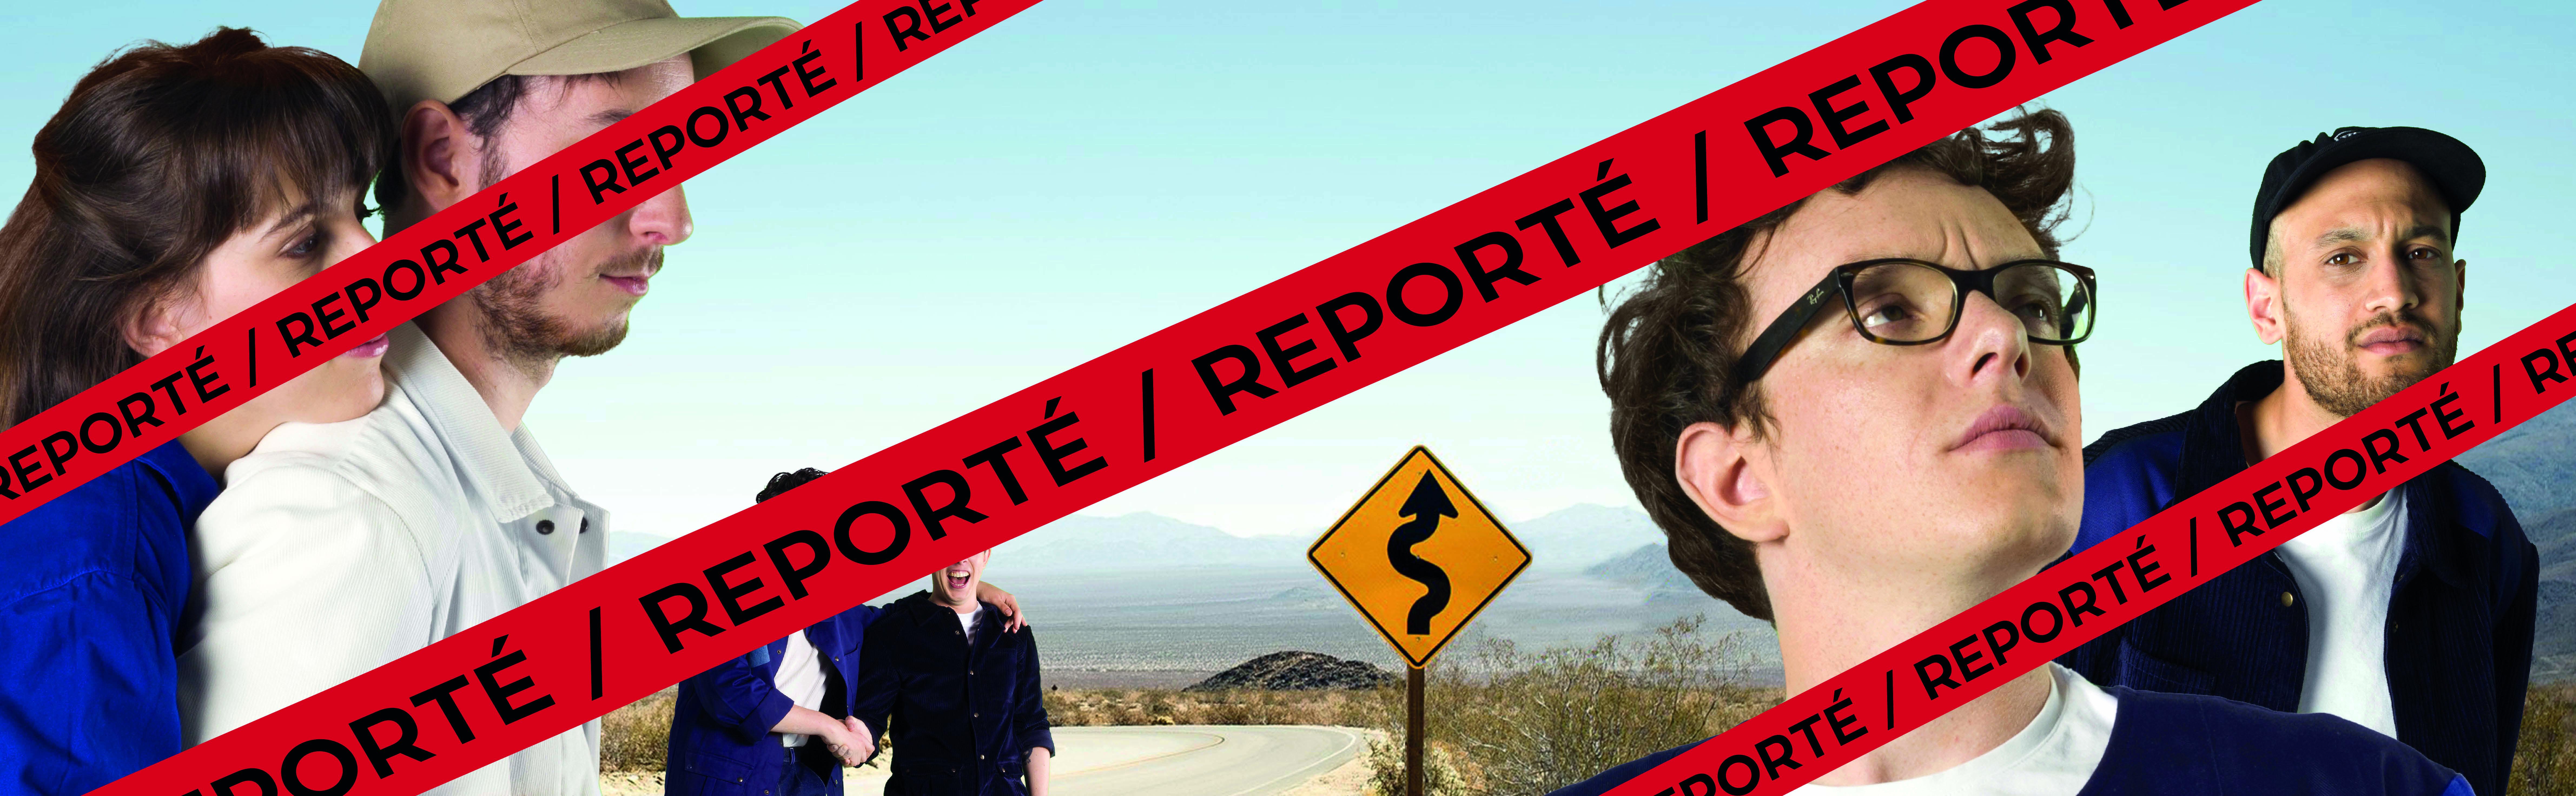 SLIDE-INUIT-REPORT